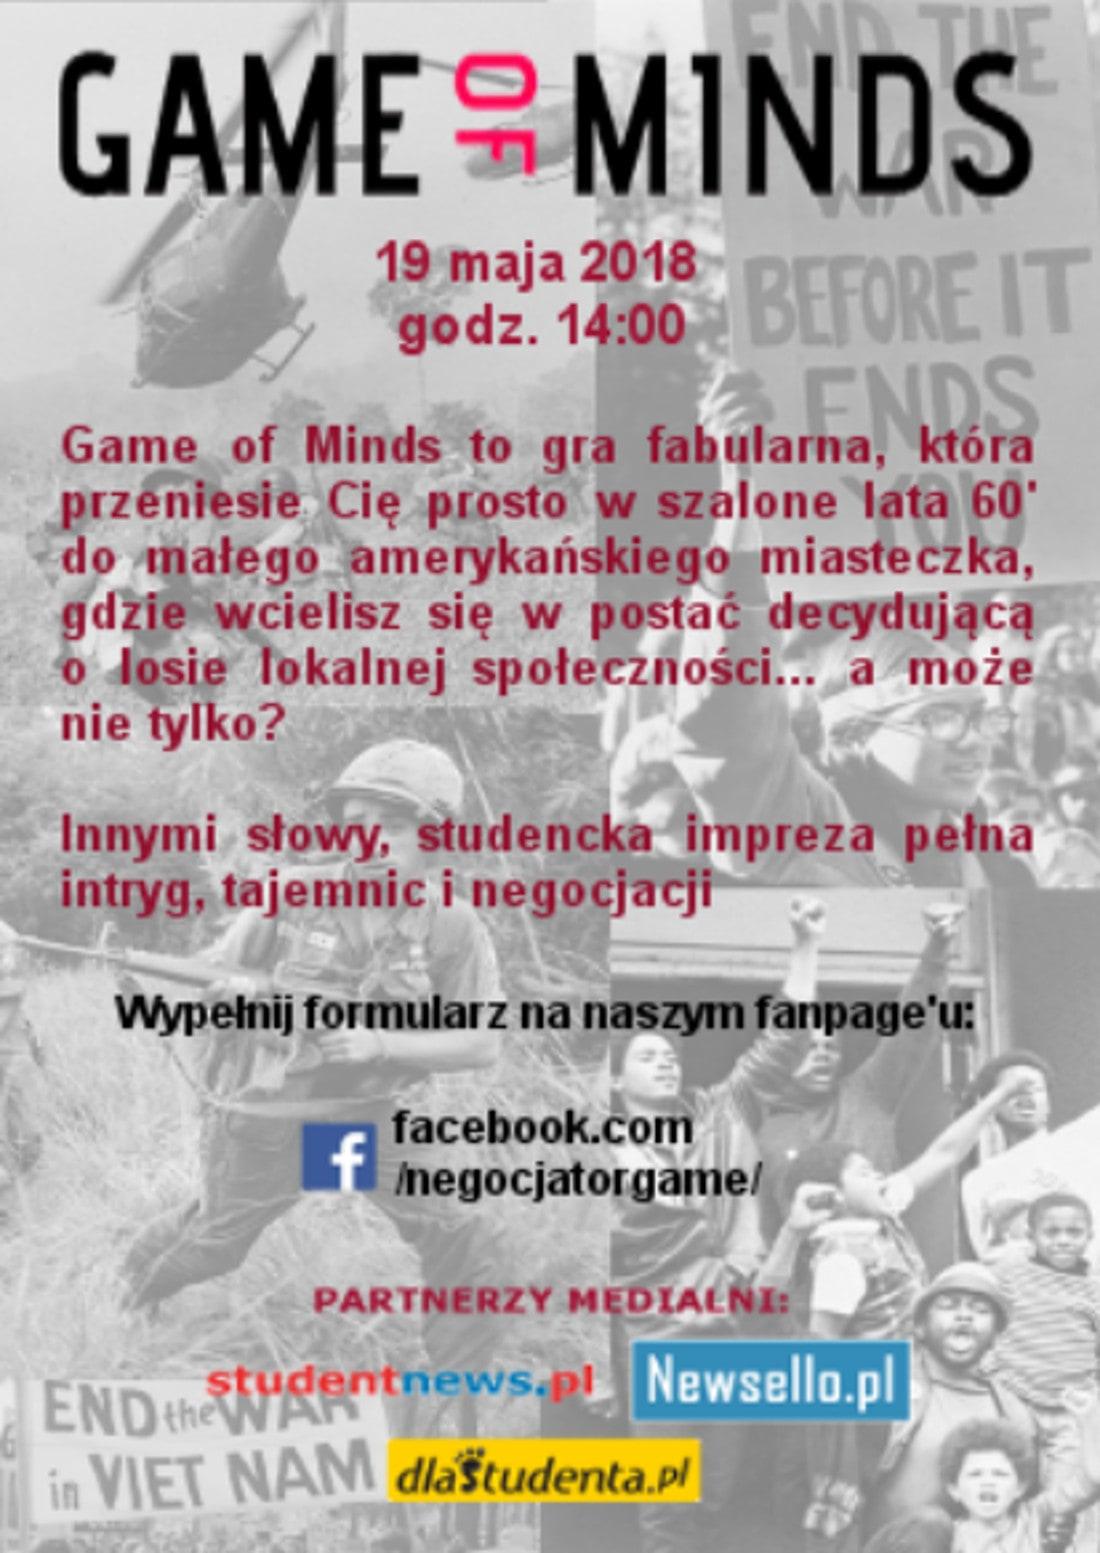 Impreza dla studentów odbędzie się 19 maja 2018 roku.